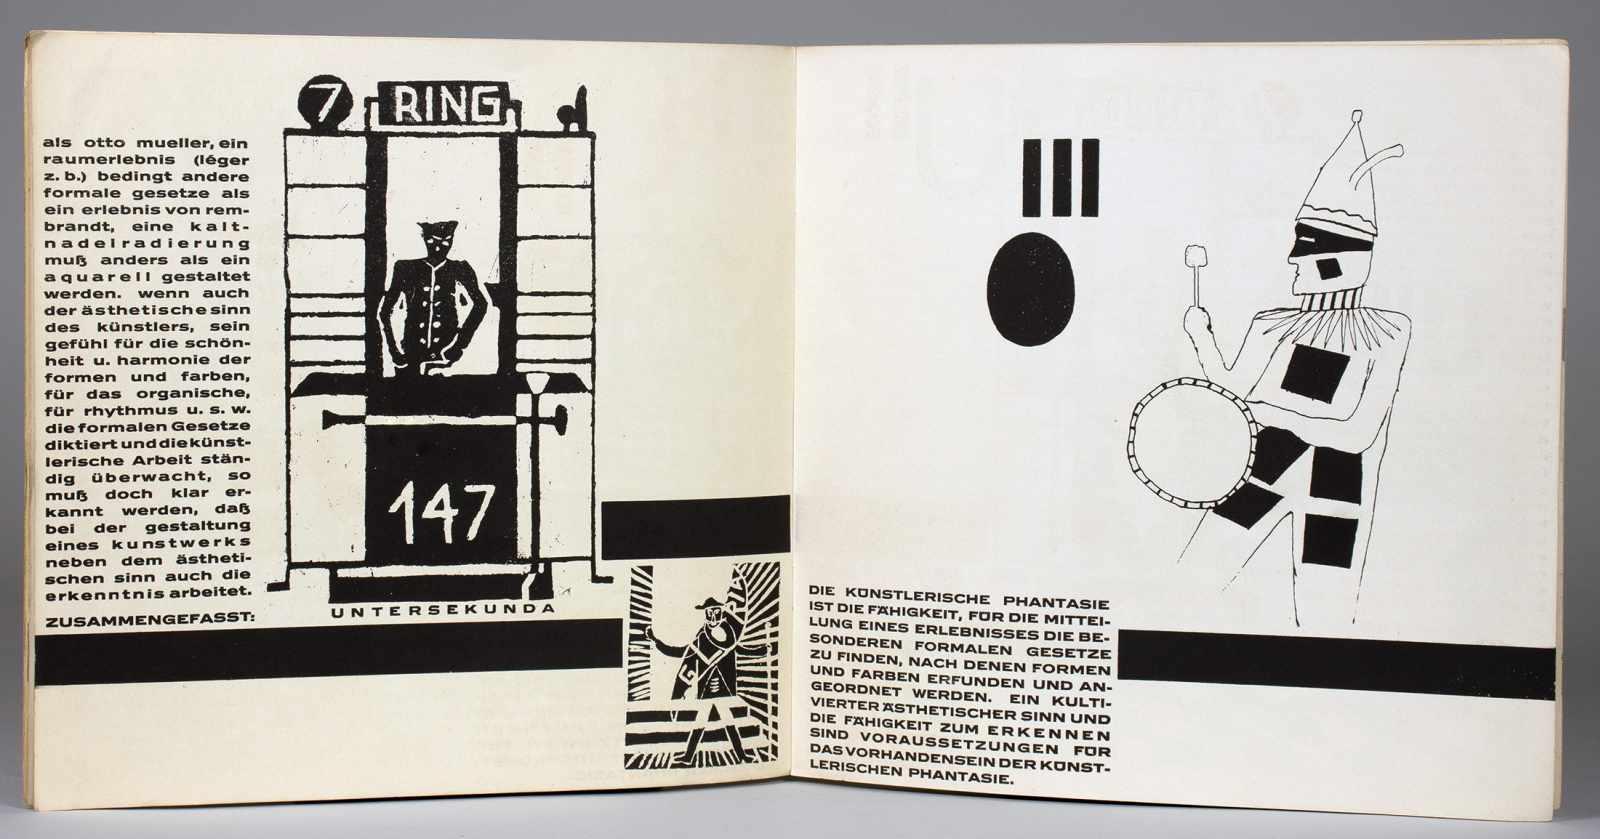 Johannes Molzahn - Gestaltung, Gestaltung. Zur schlesischen Arbeitsgemeinschaft für Zeichen- u. - Image 3 of 4